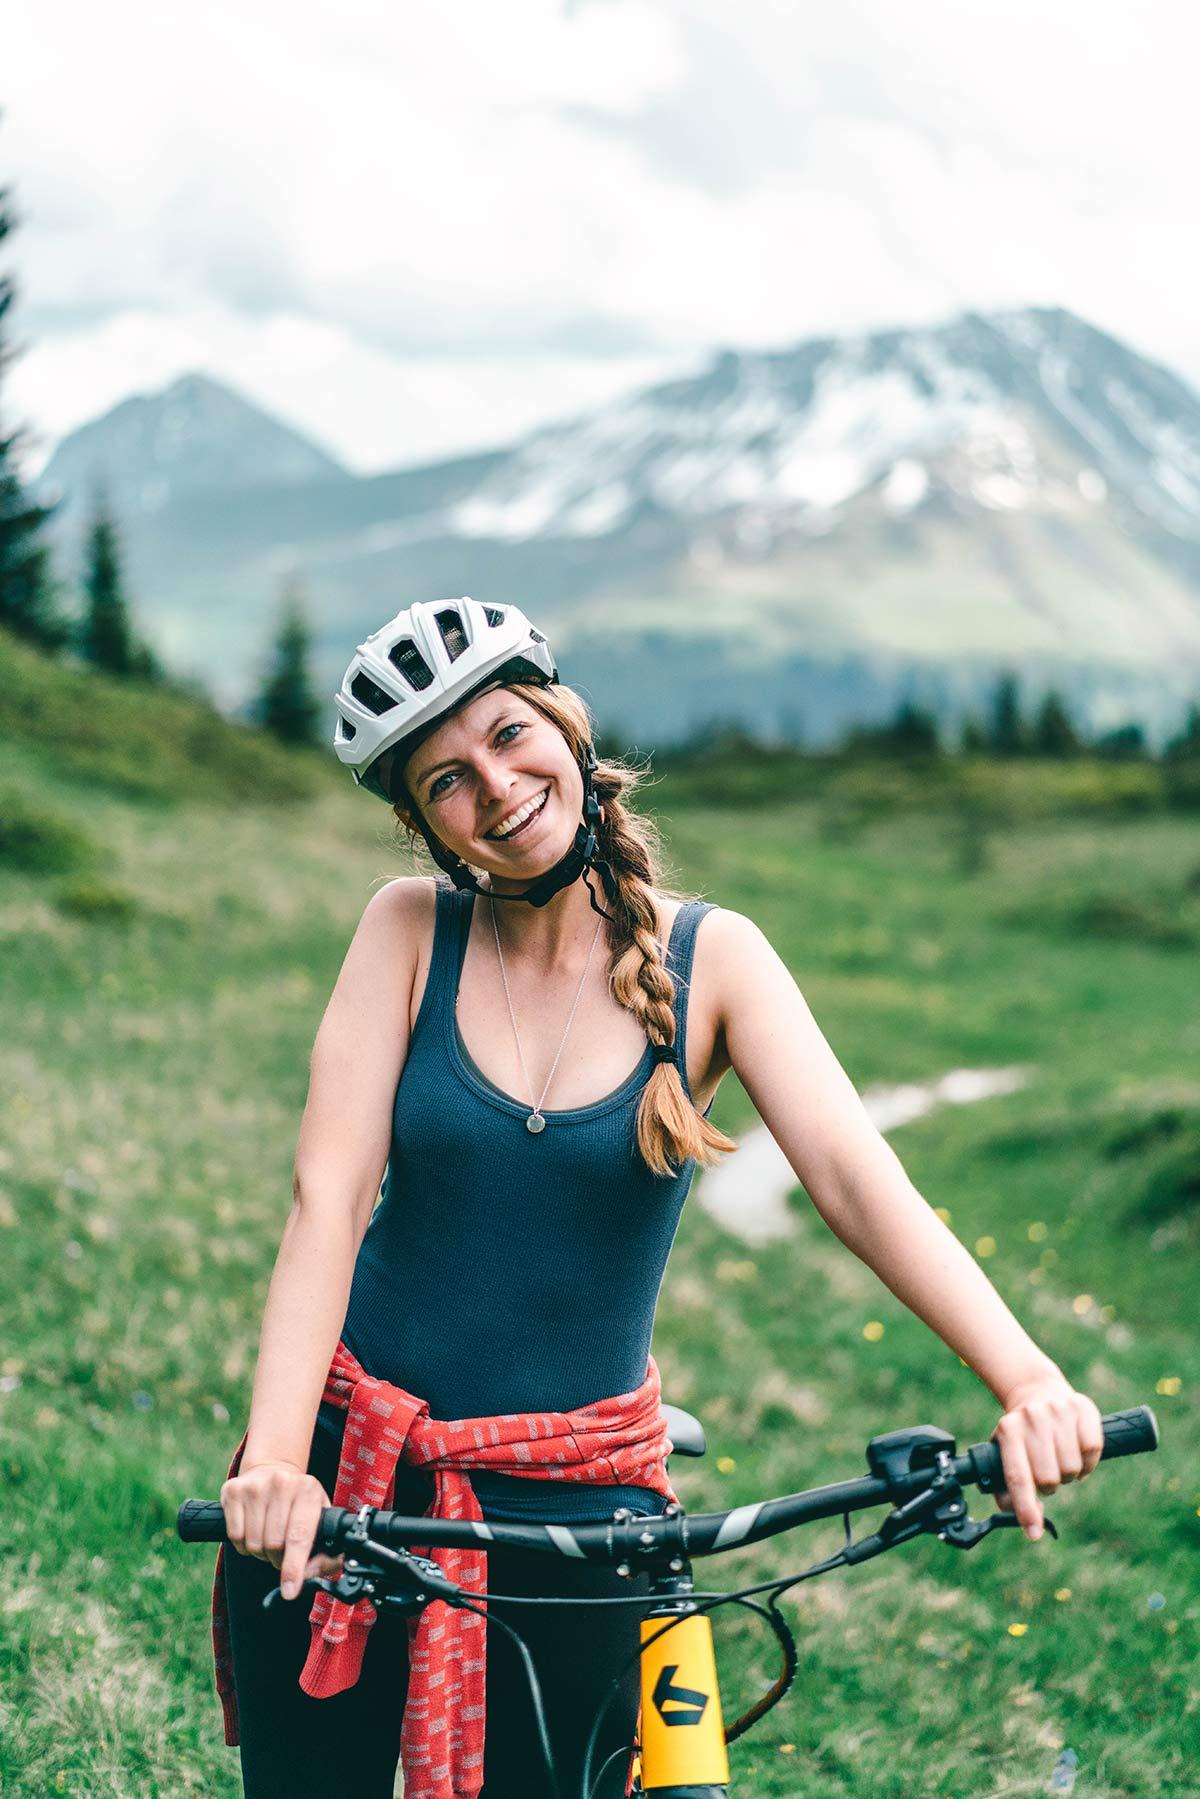 Biken christine Neder